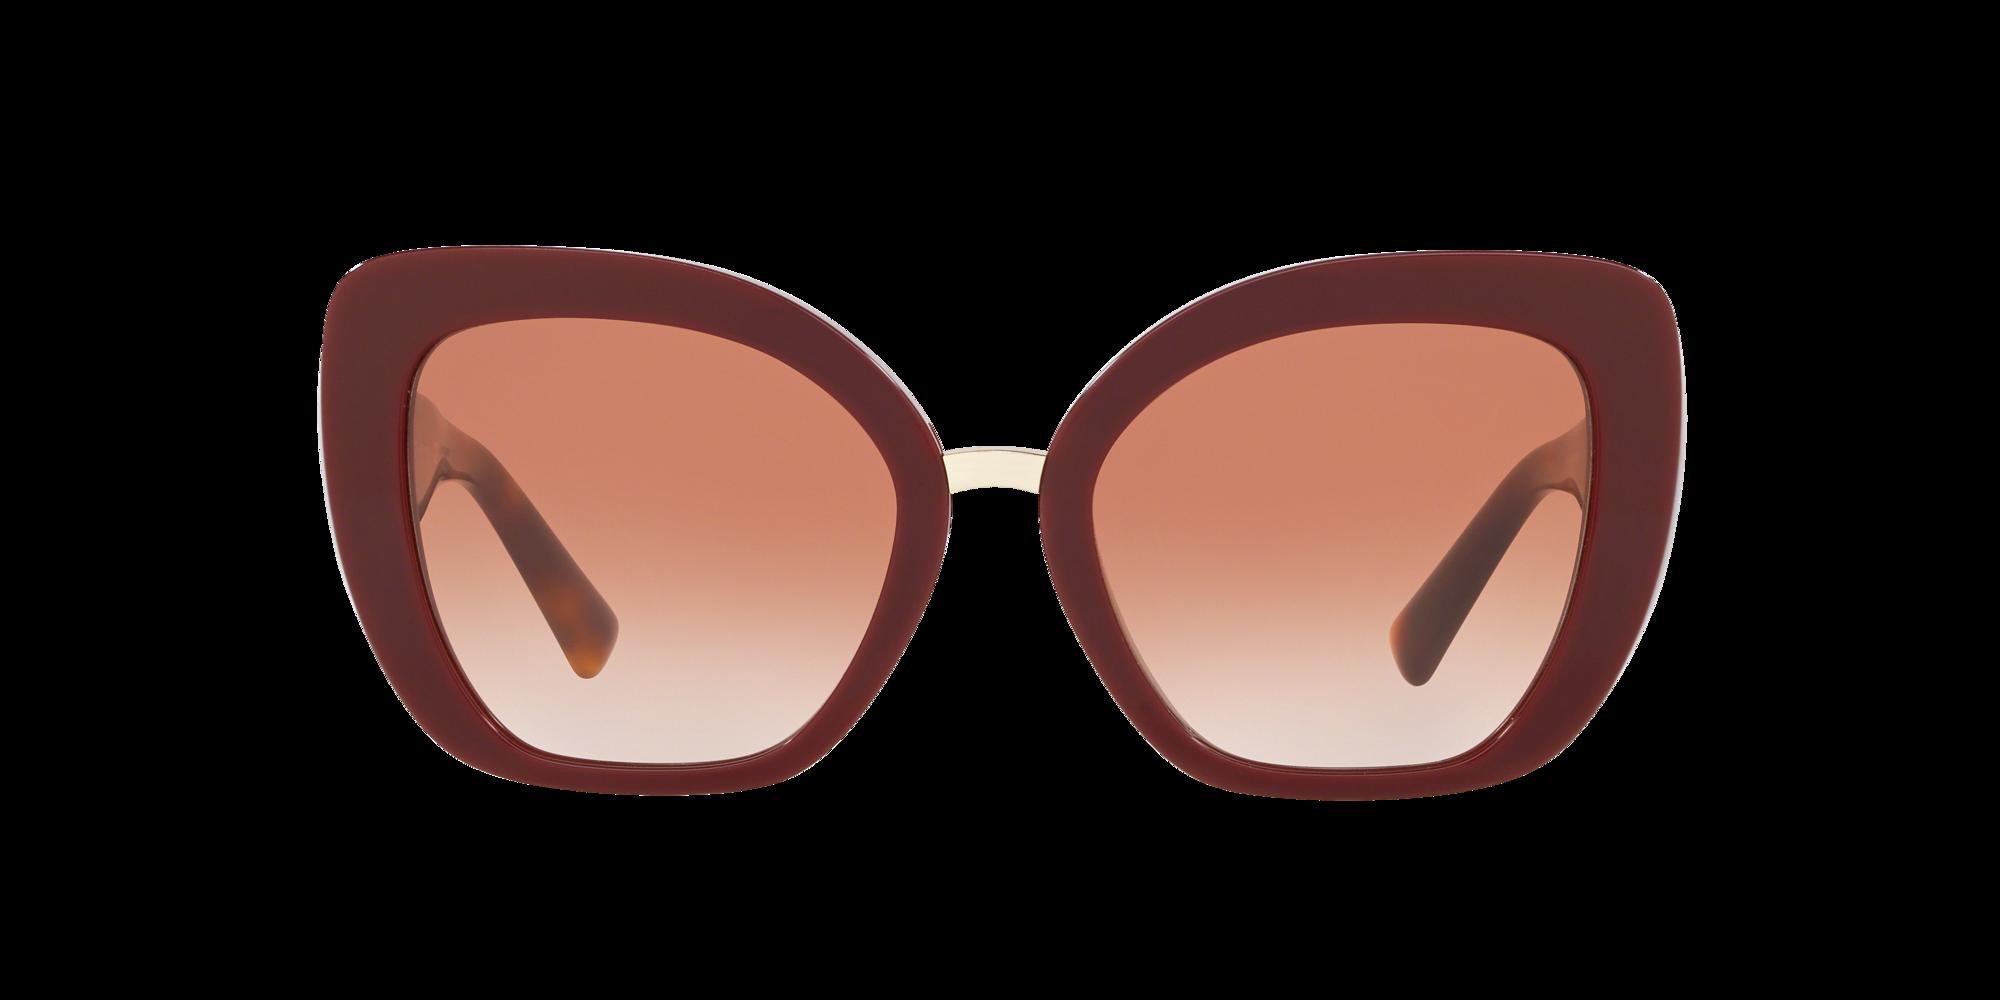 Imagen para VA4057 54 de LensCrafters |  Espejuelos, espejuelos graduados en línea, gafas